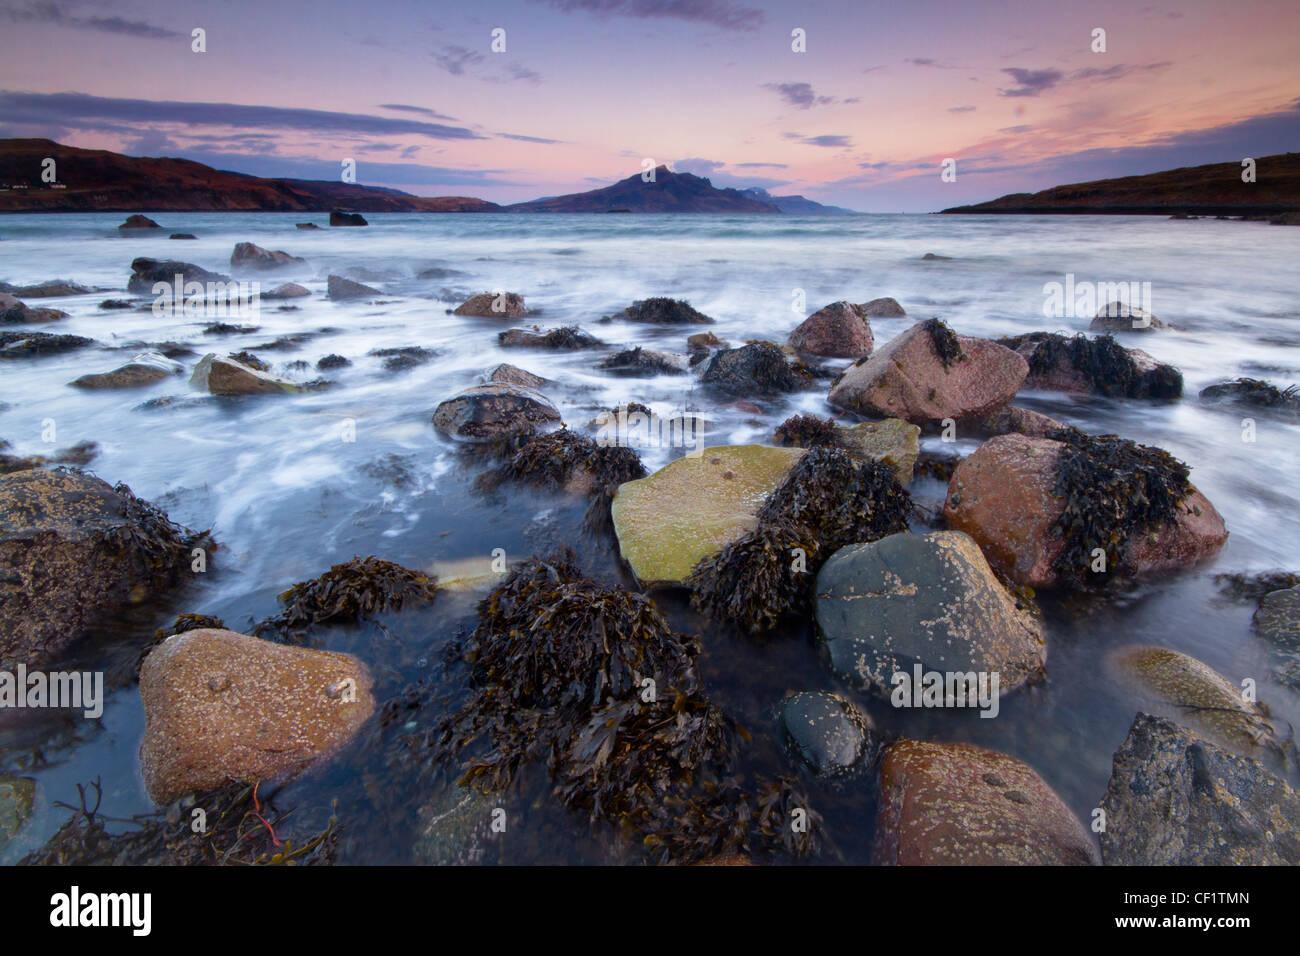 Das Meer Plätschern auf Felsen an der Küste Balmeanach eine ruhigen Landwirtschaft Township in der Nähe Stockbild